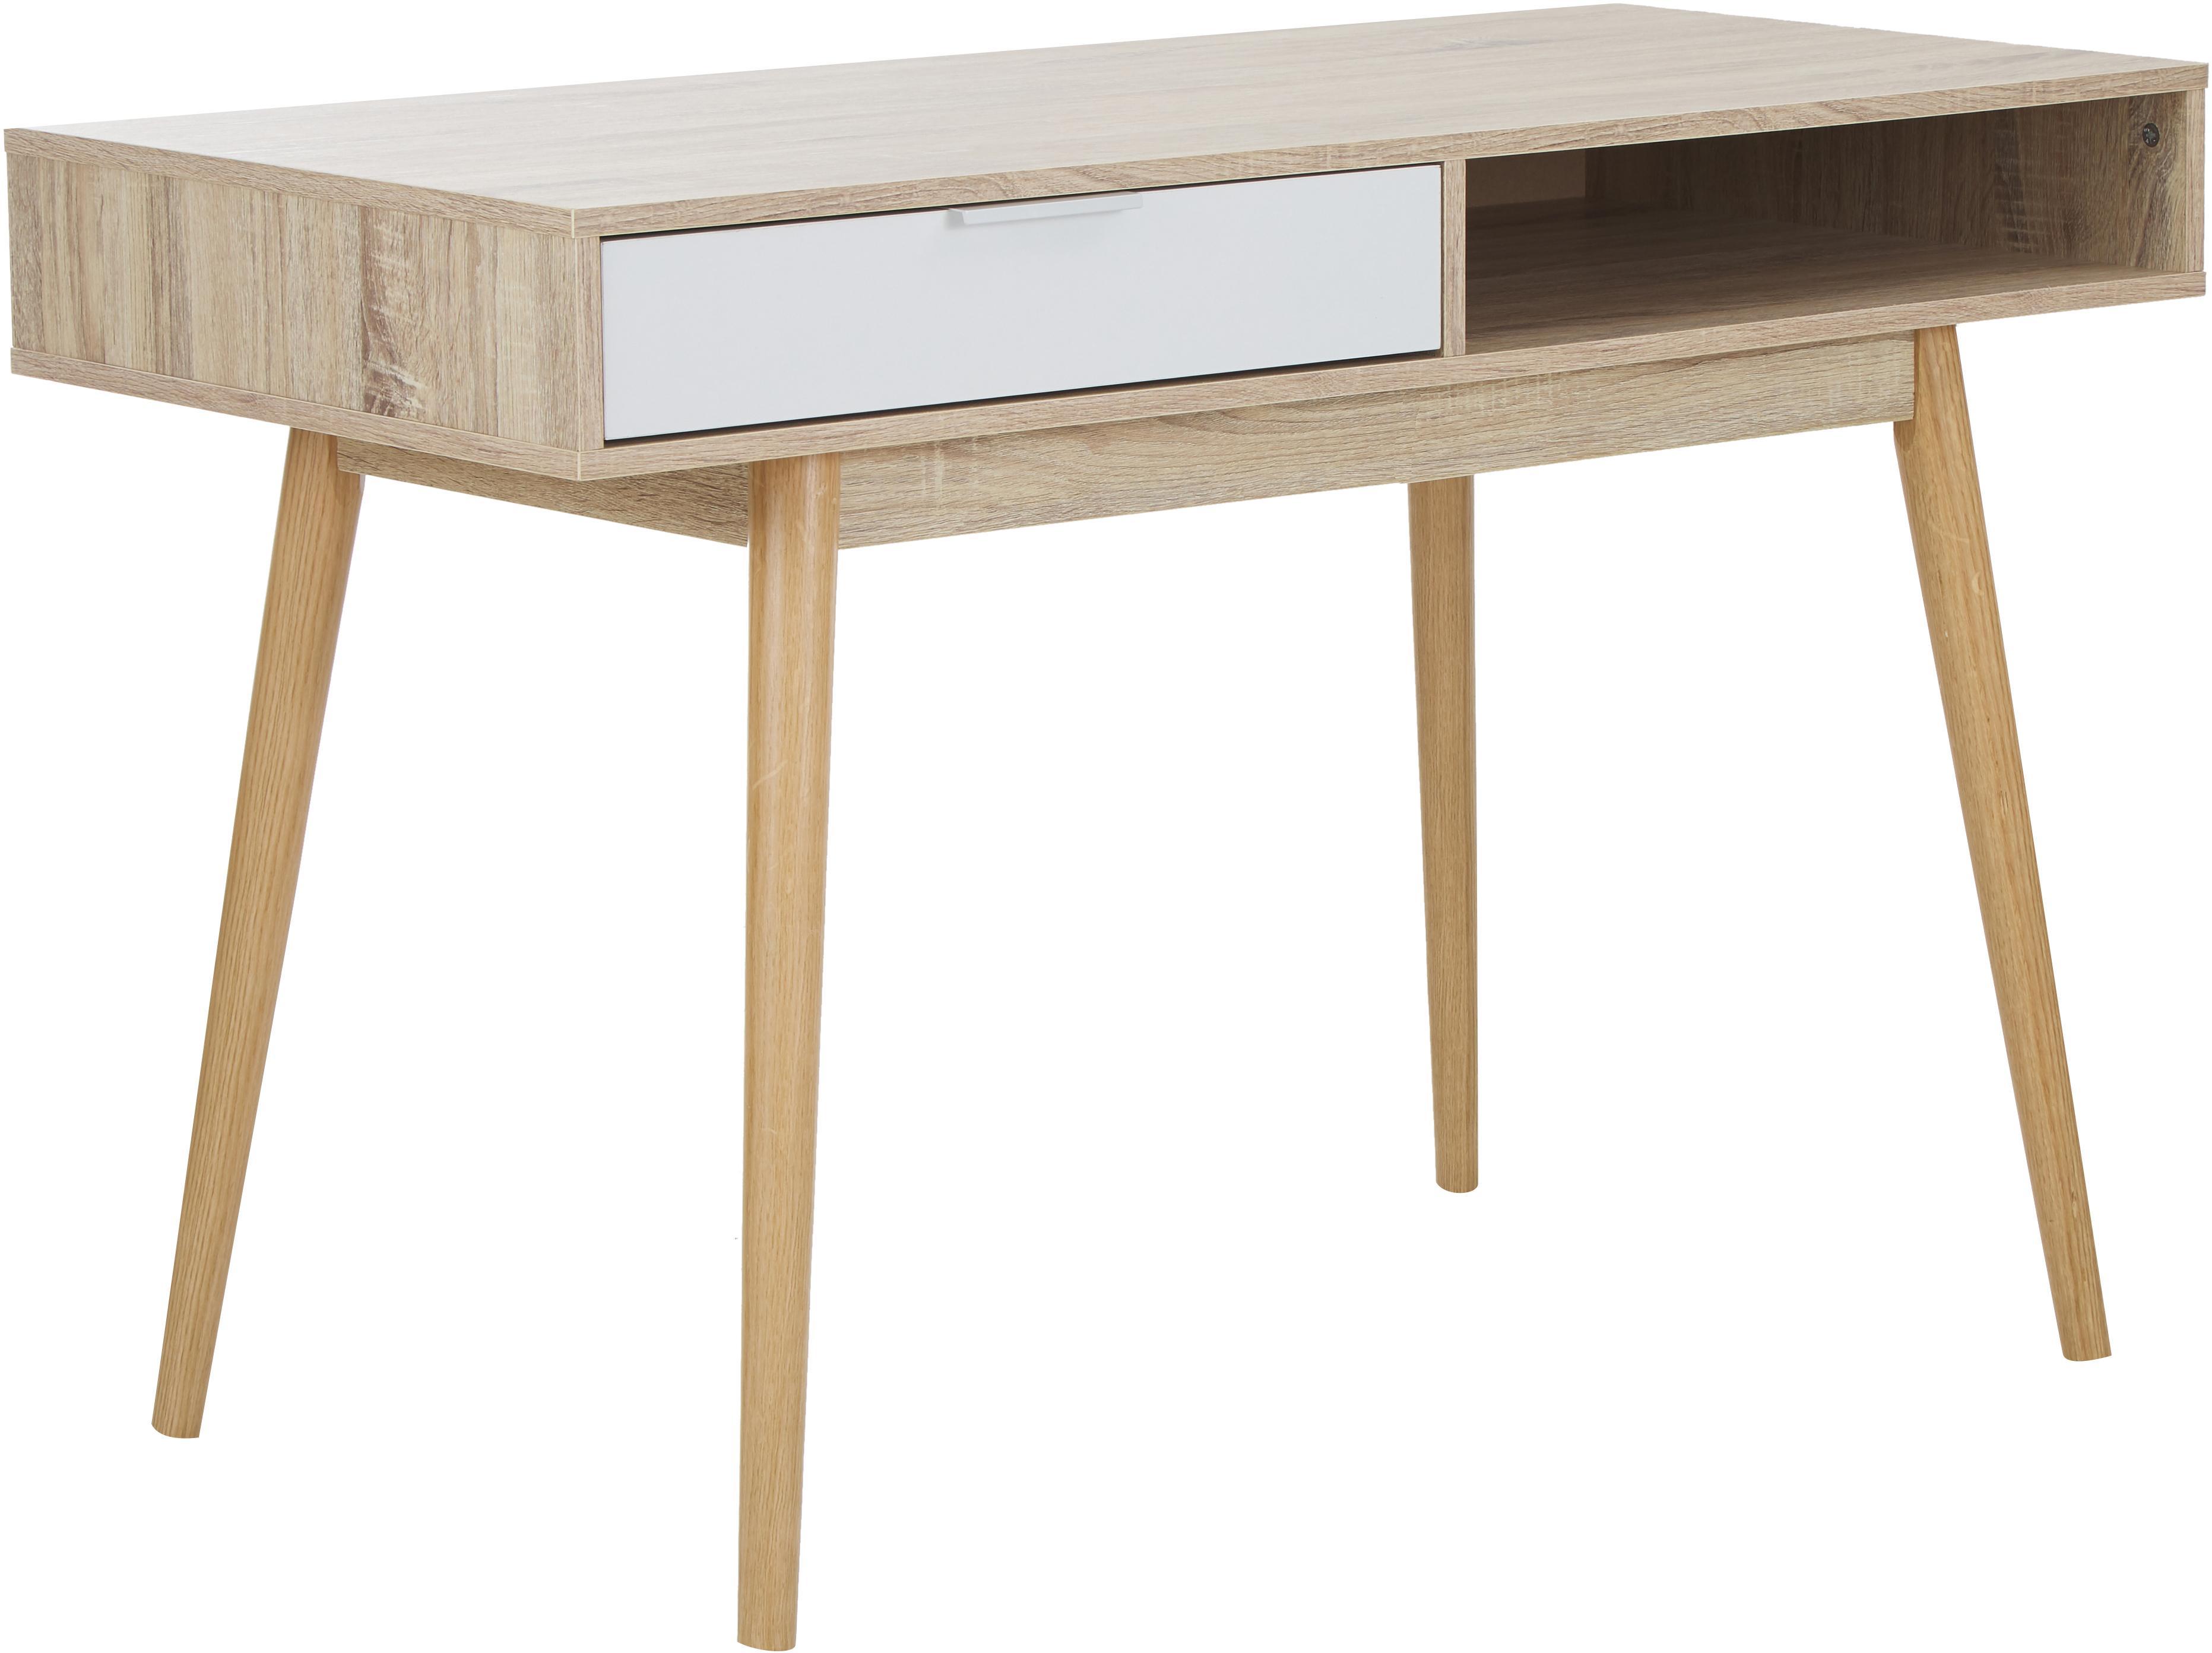 Schreibtisch Samo in Eichen-Optik, Tischplatte: Spanplatte, bedruckt mit , Beine: Eichenholz, Eichenholz, Weiß, 120 x 79 cm